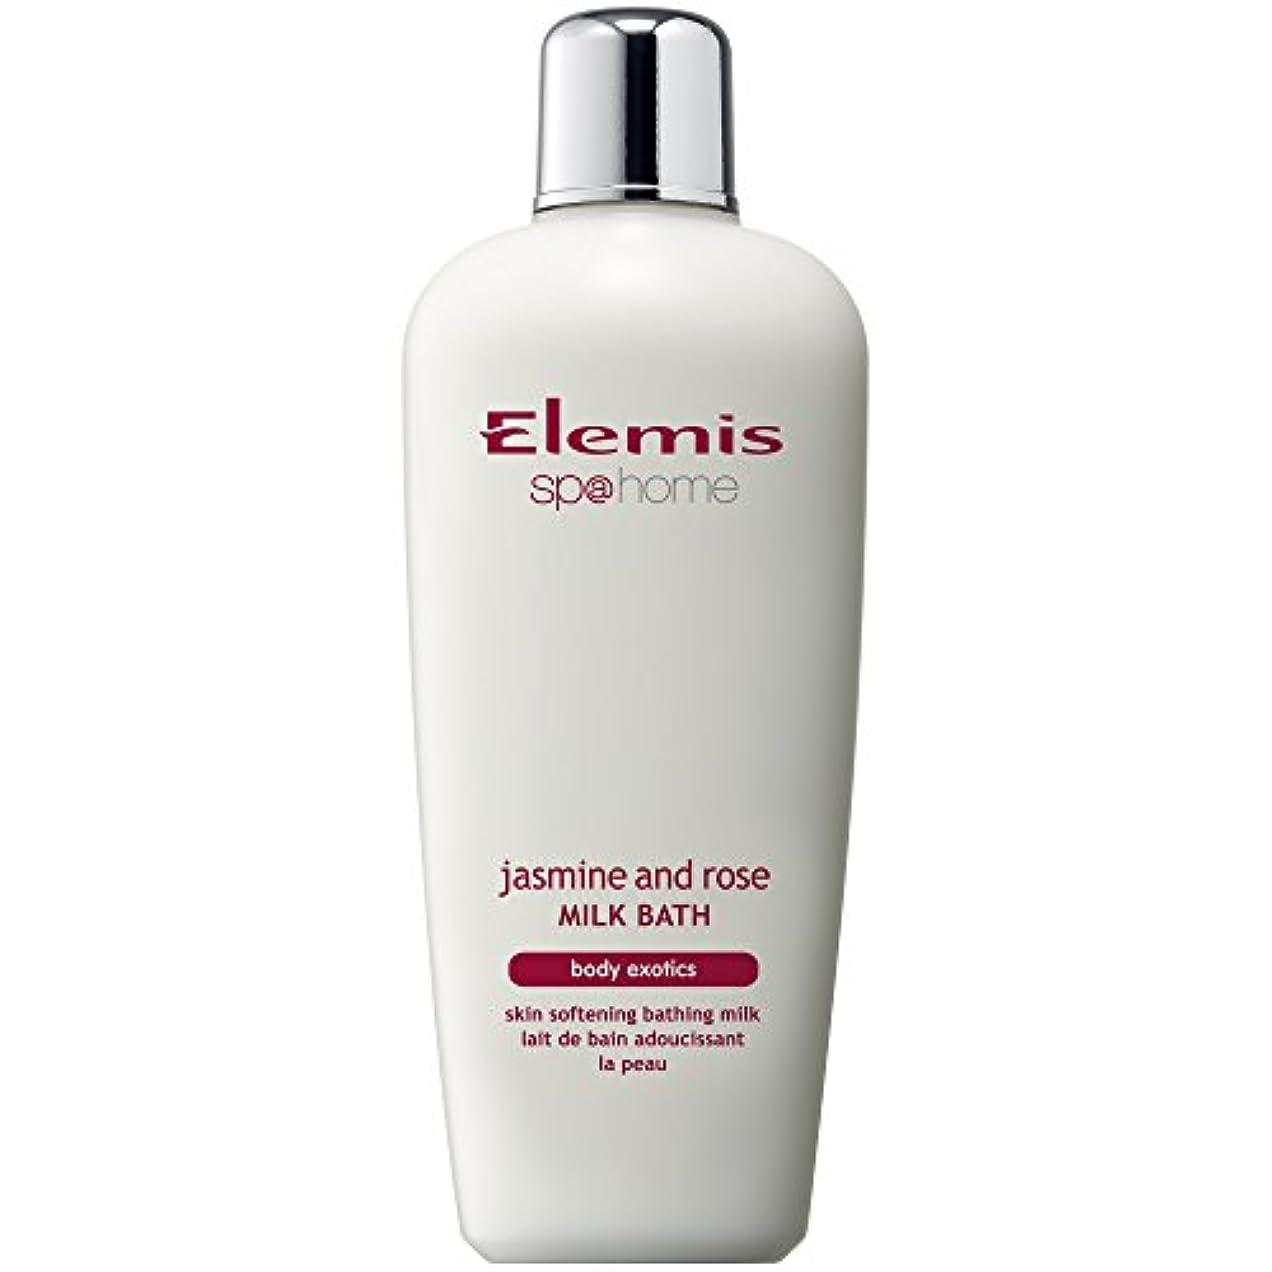 フラップ世界の窓審判エレミスのジャスミン、ローズミルクバスの400ミリリットル (Elemis) - Elemis Jasmine And Rose Milk Bath 400ml [並行輸入品]